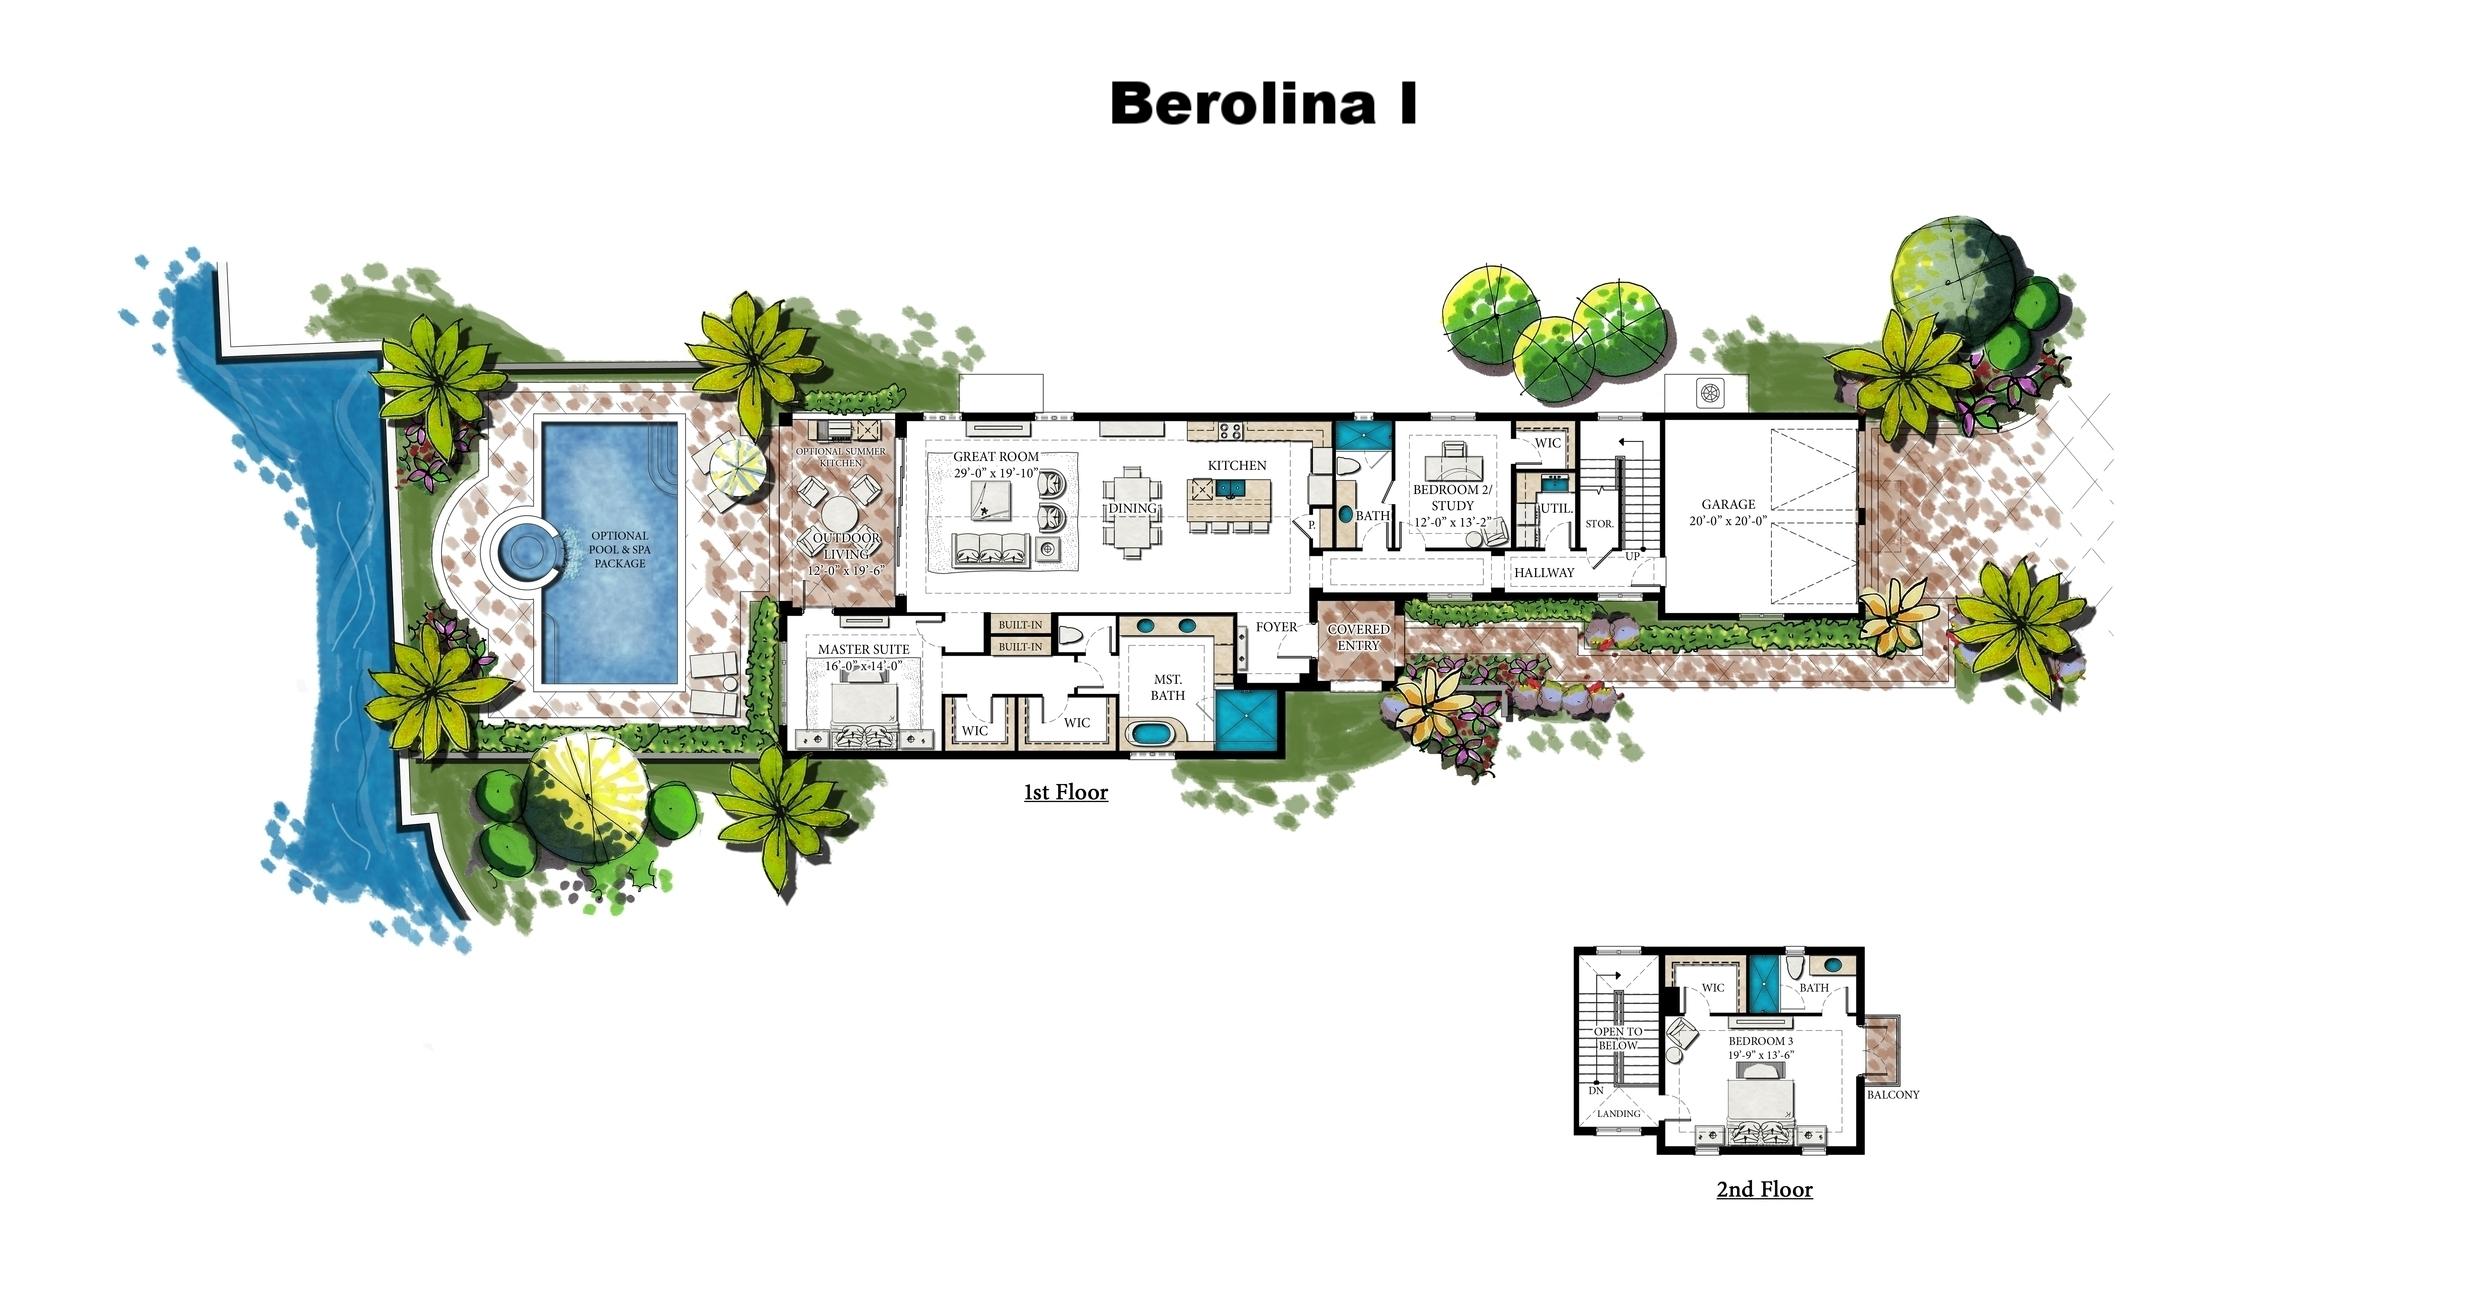 Berolina 1